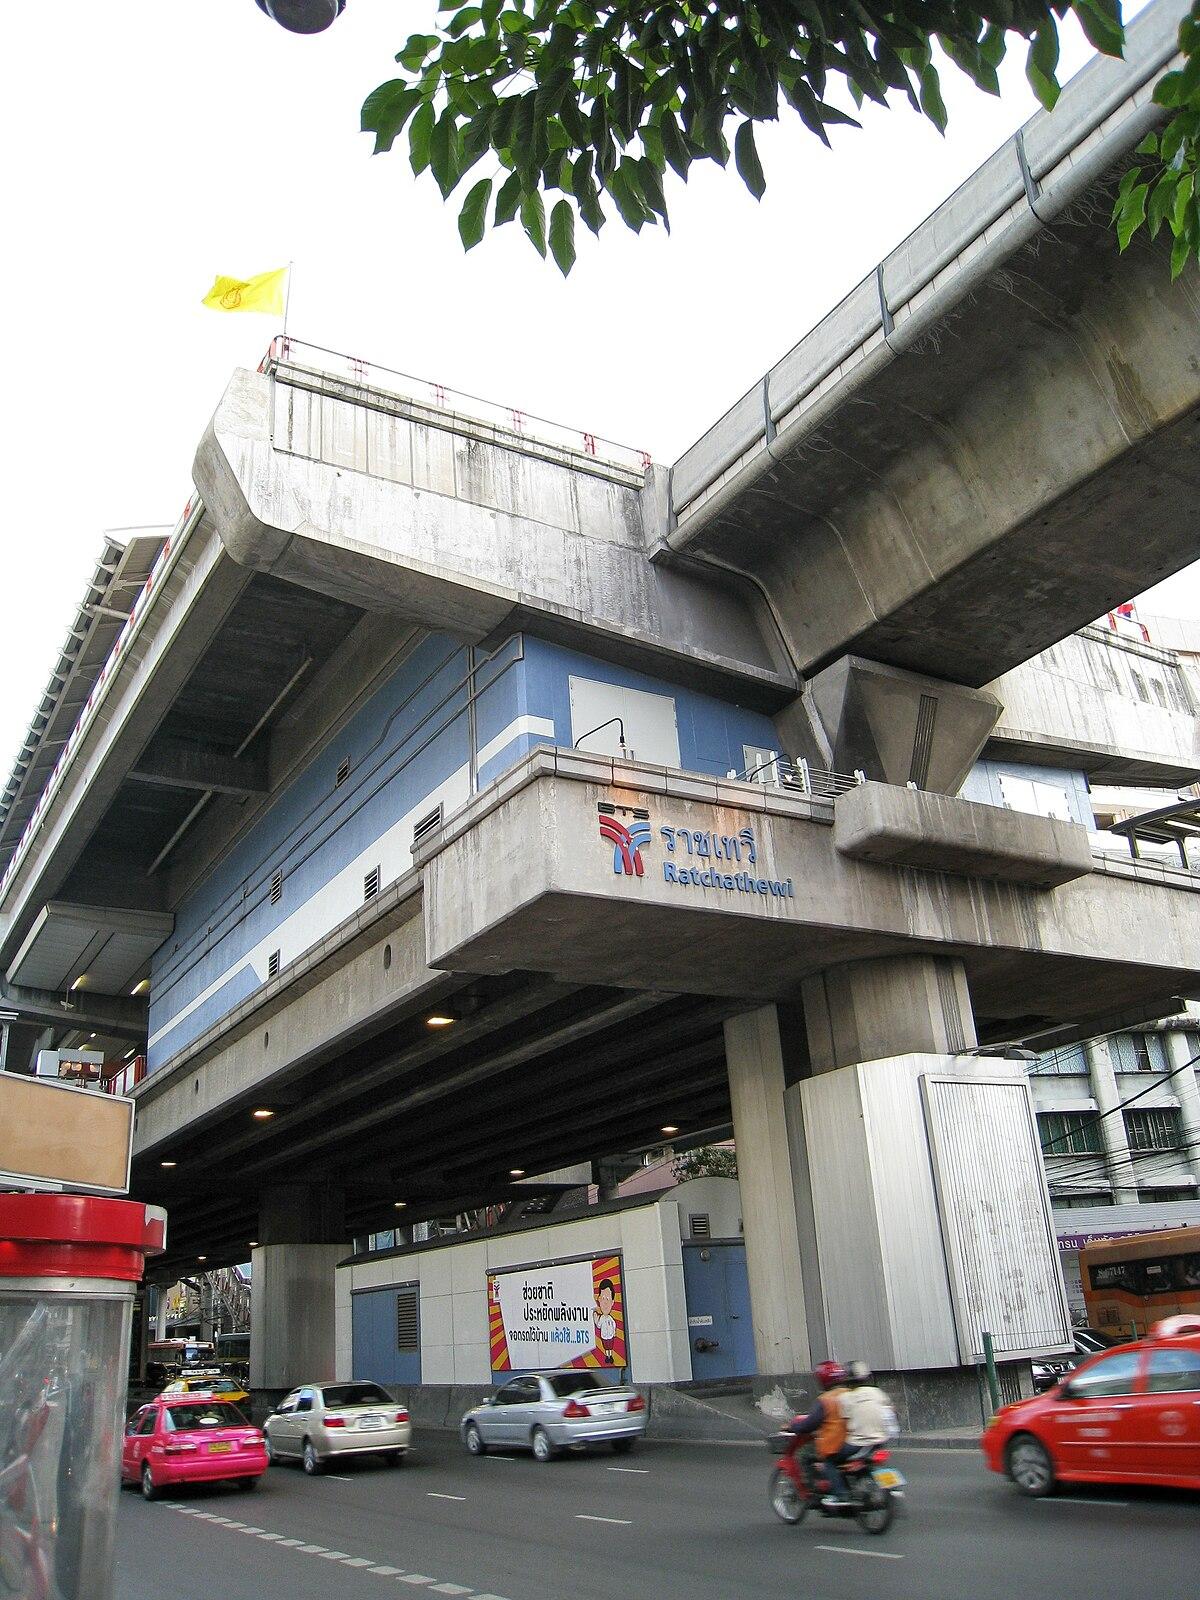 Ratchathewi station - Wikipedia